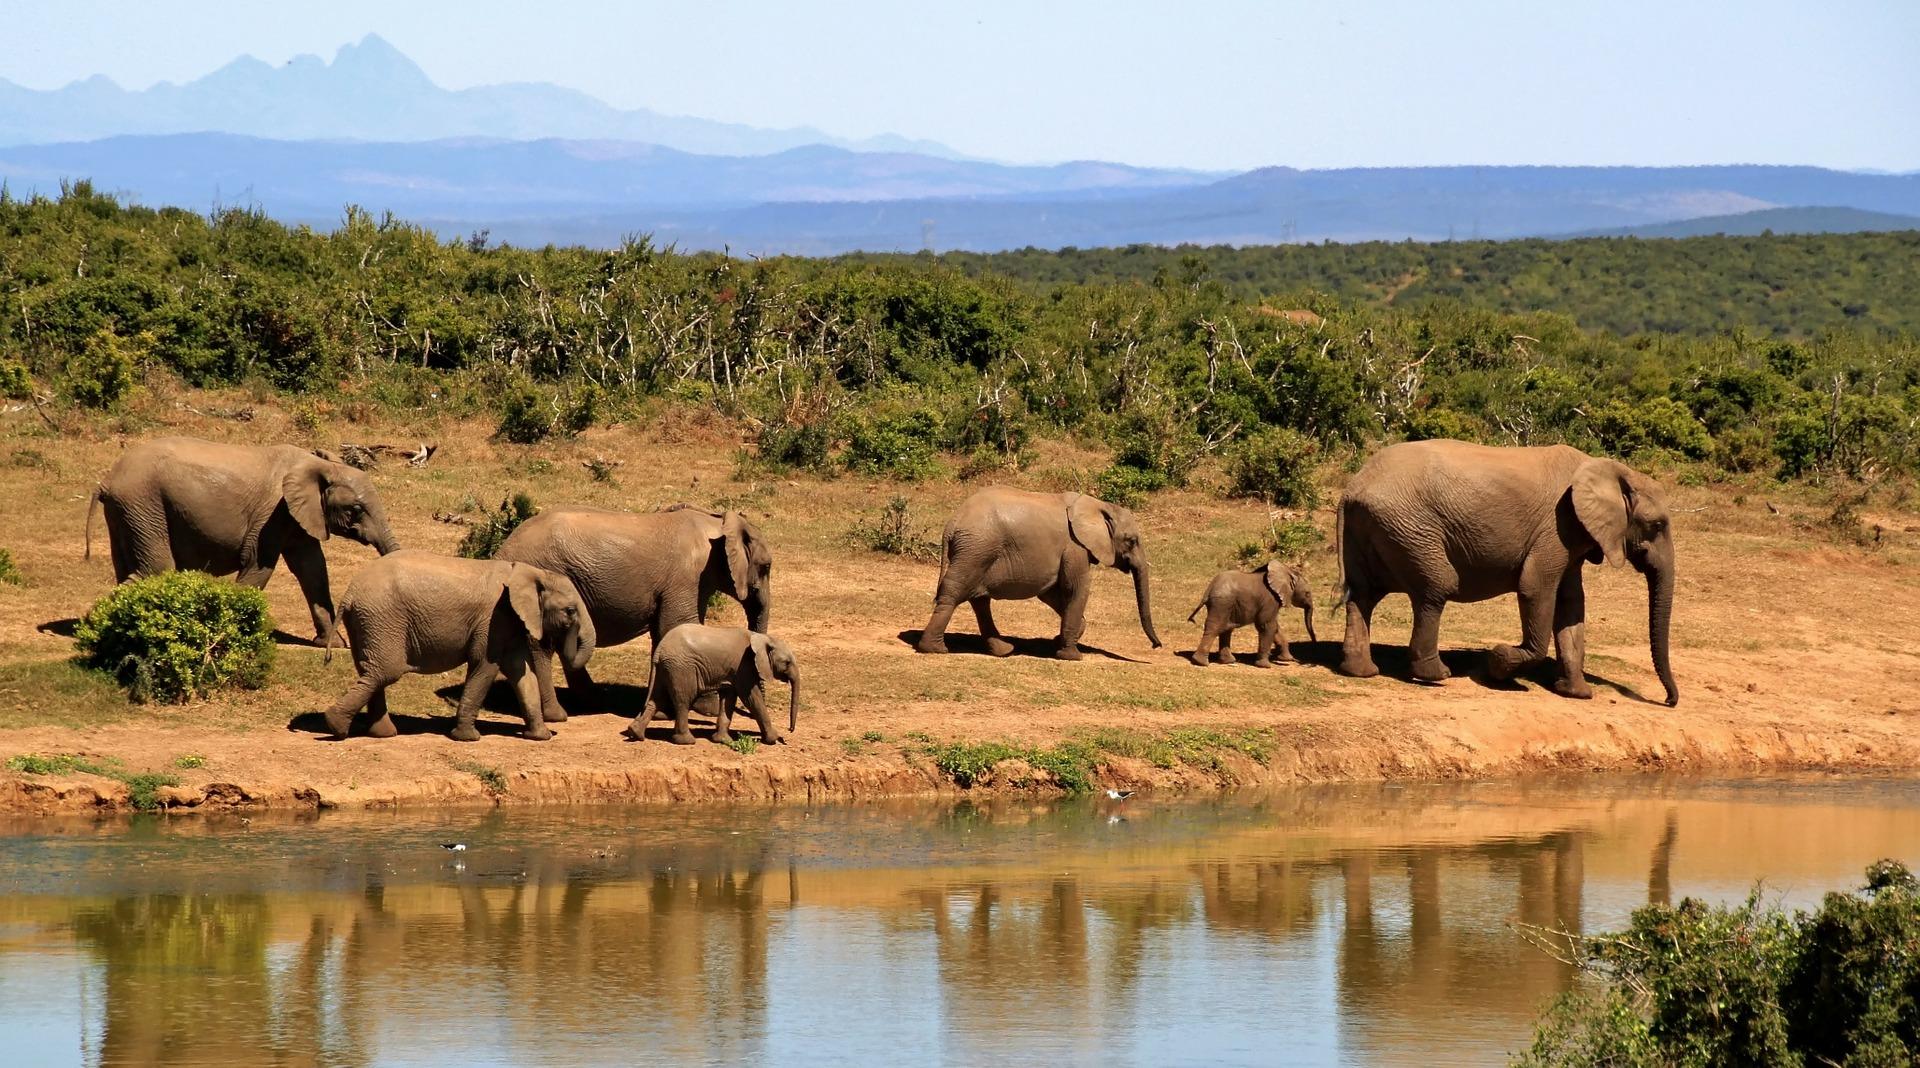 Rentrée des éléphants 2017